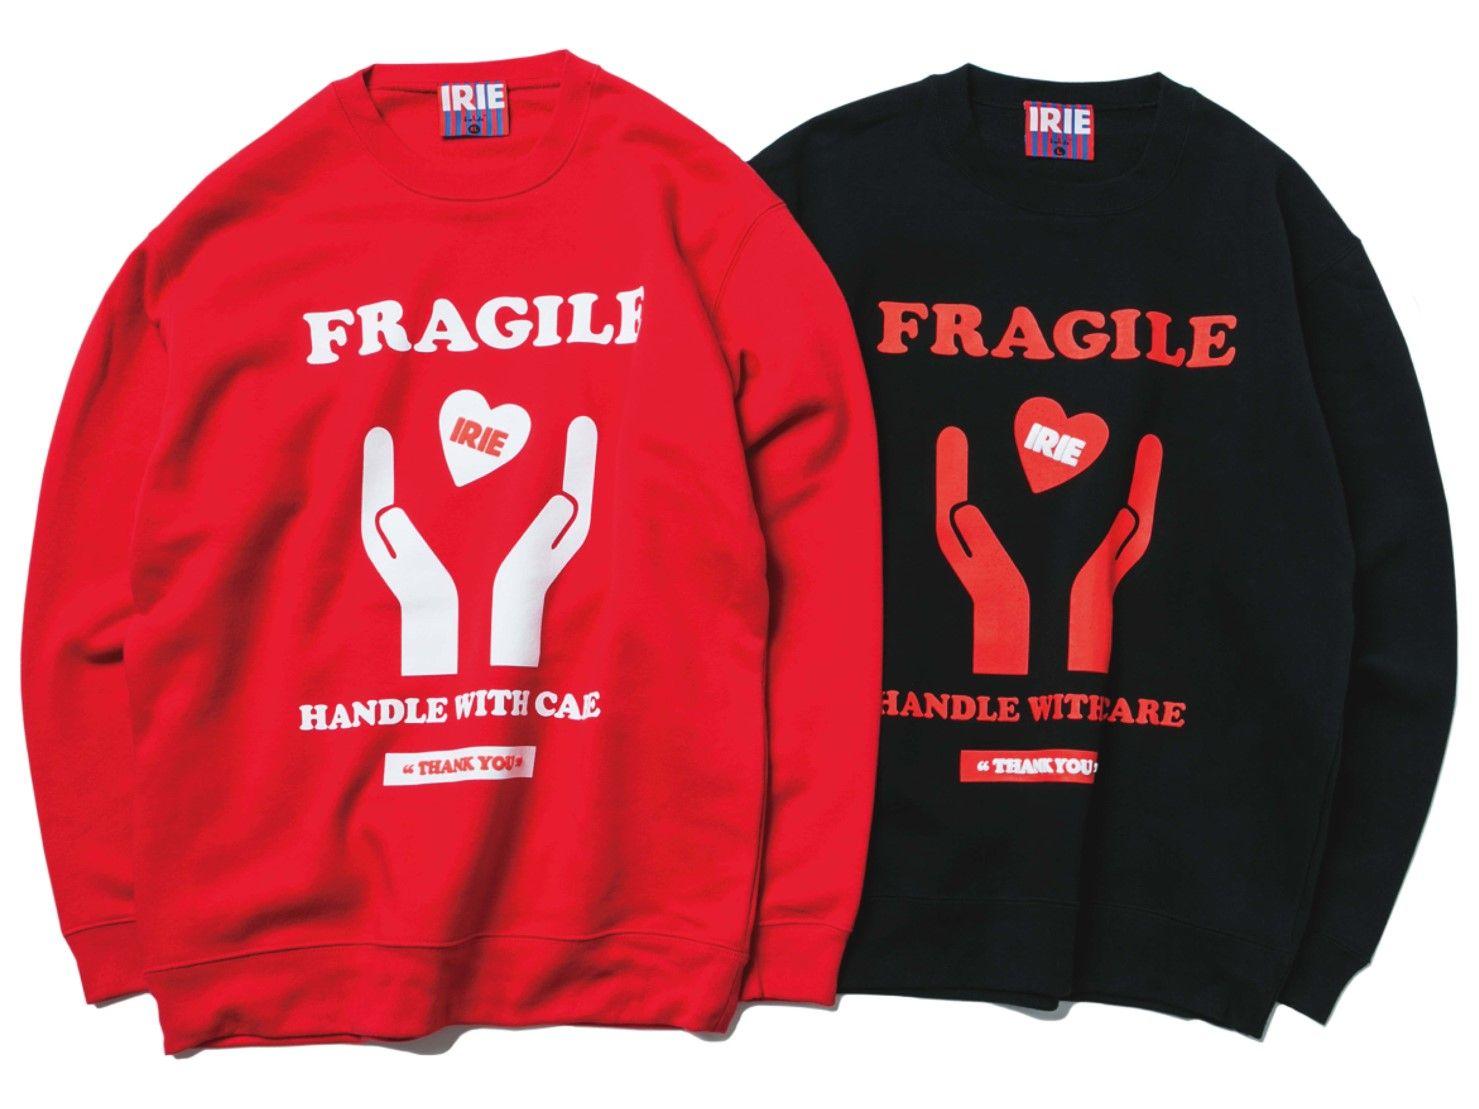 IRIE FRAGILE CREW -IRIEby irielife-